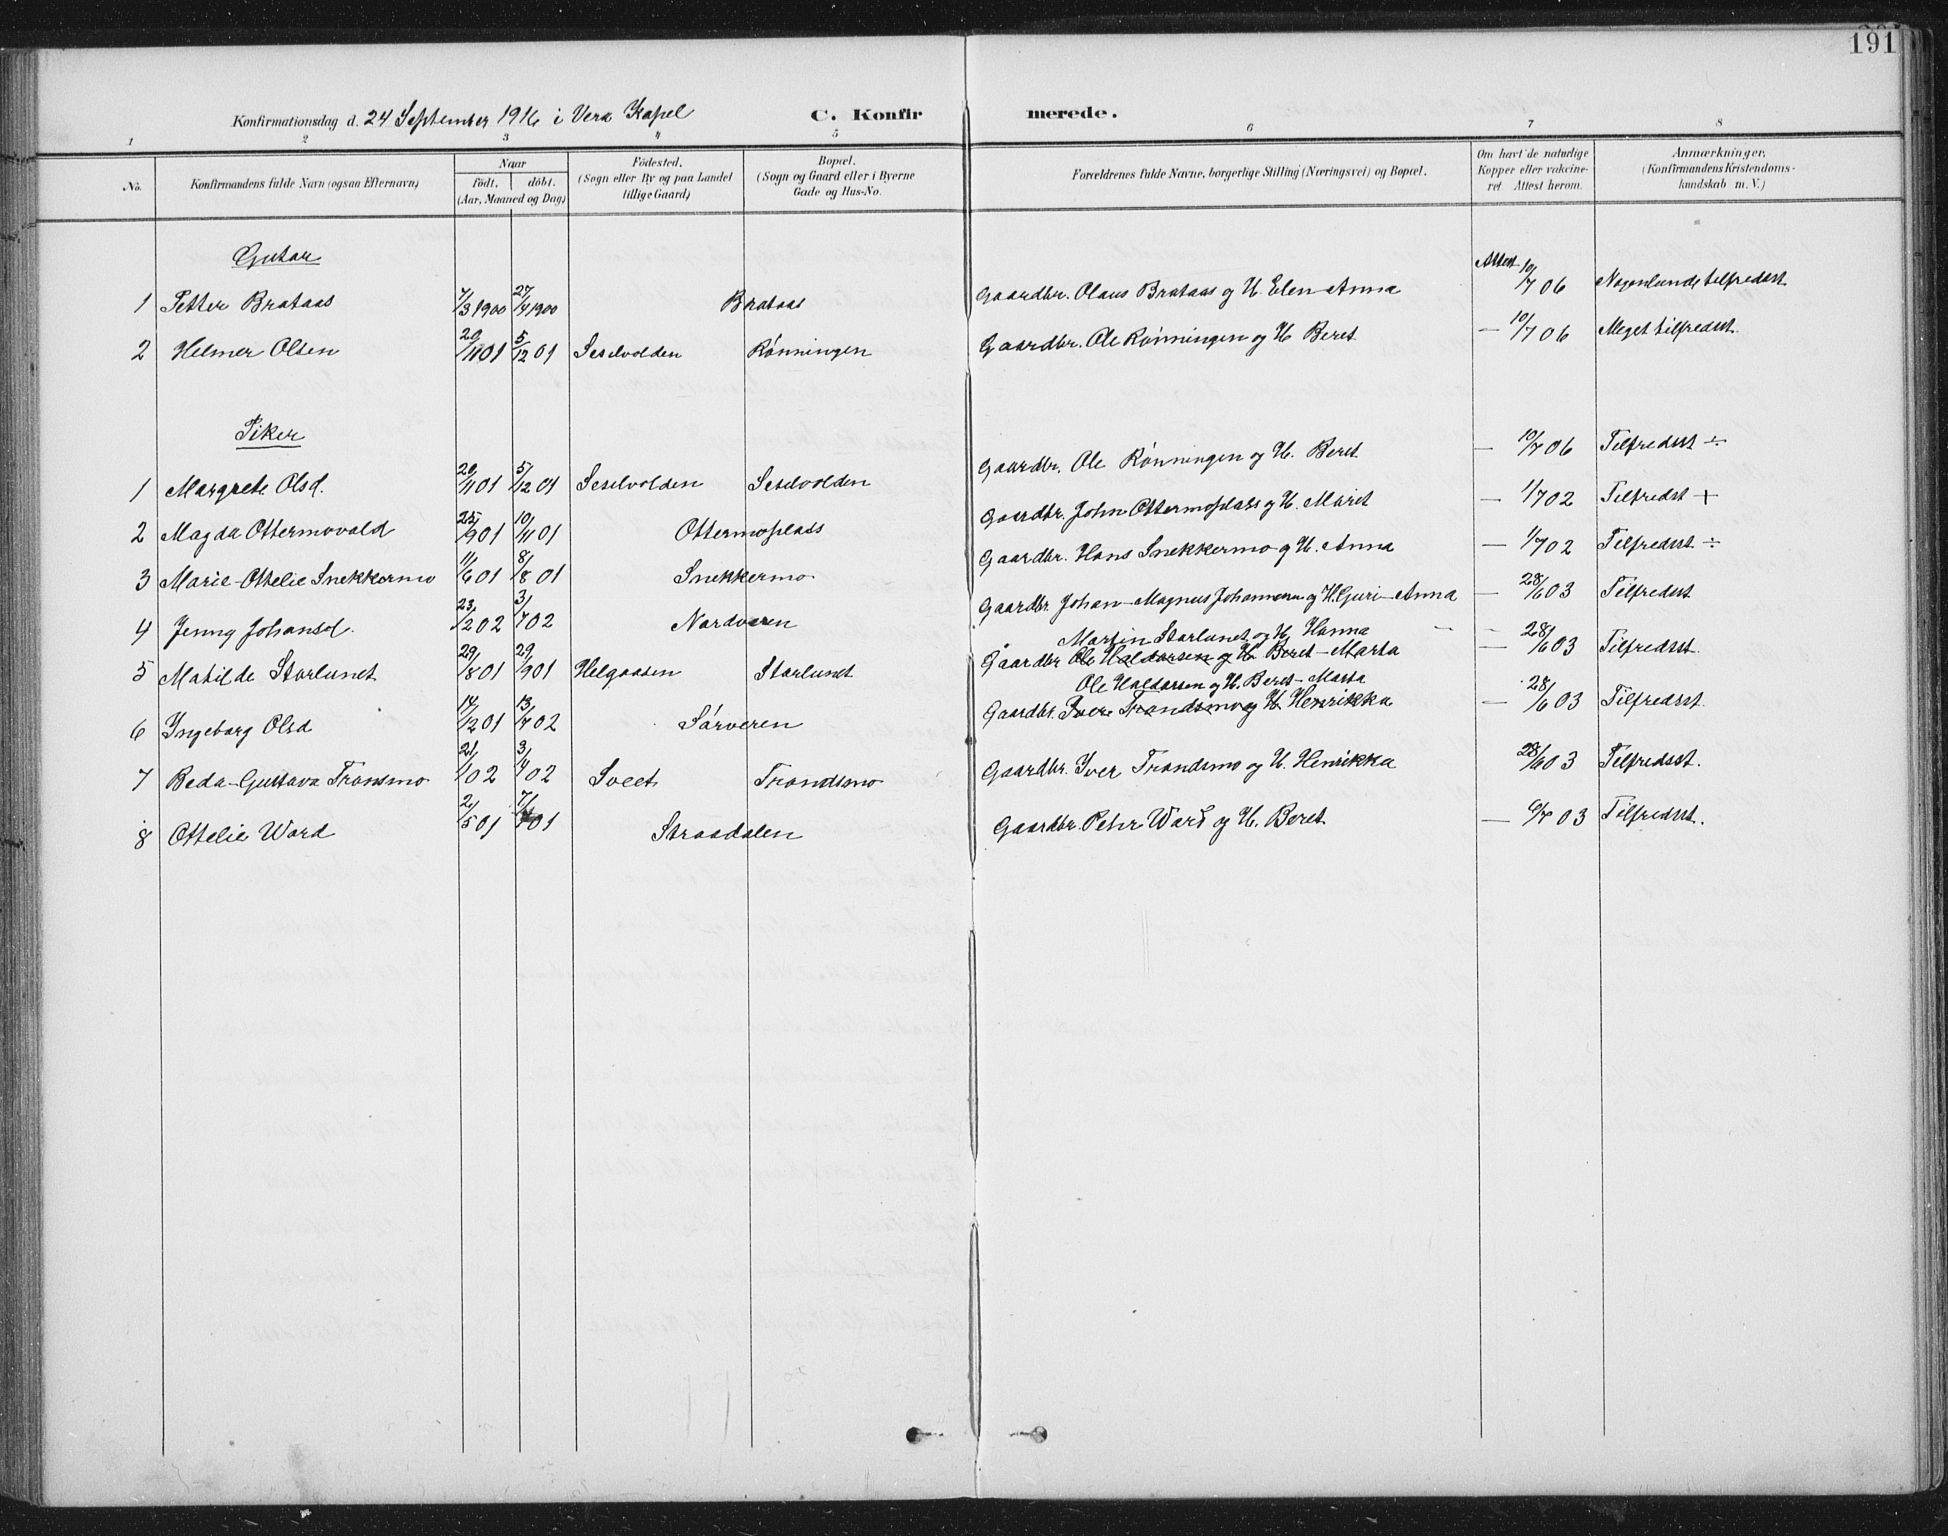 SAT, Ministerialprotokoller, klokkerbøker og fødselsregistre - Nord-Trøndelag, 724/L0269: Klokkerbok nr. 724C05, 1899-1920, s. 191